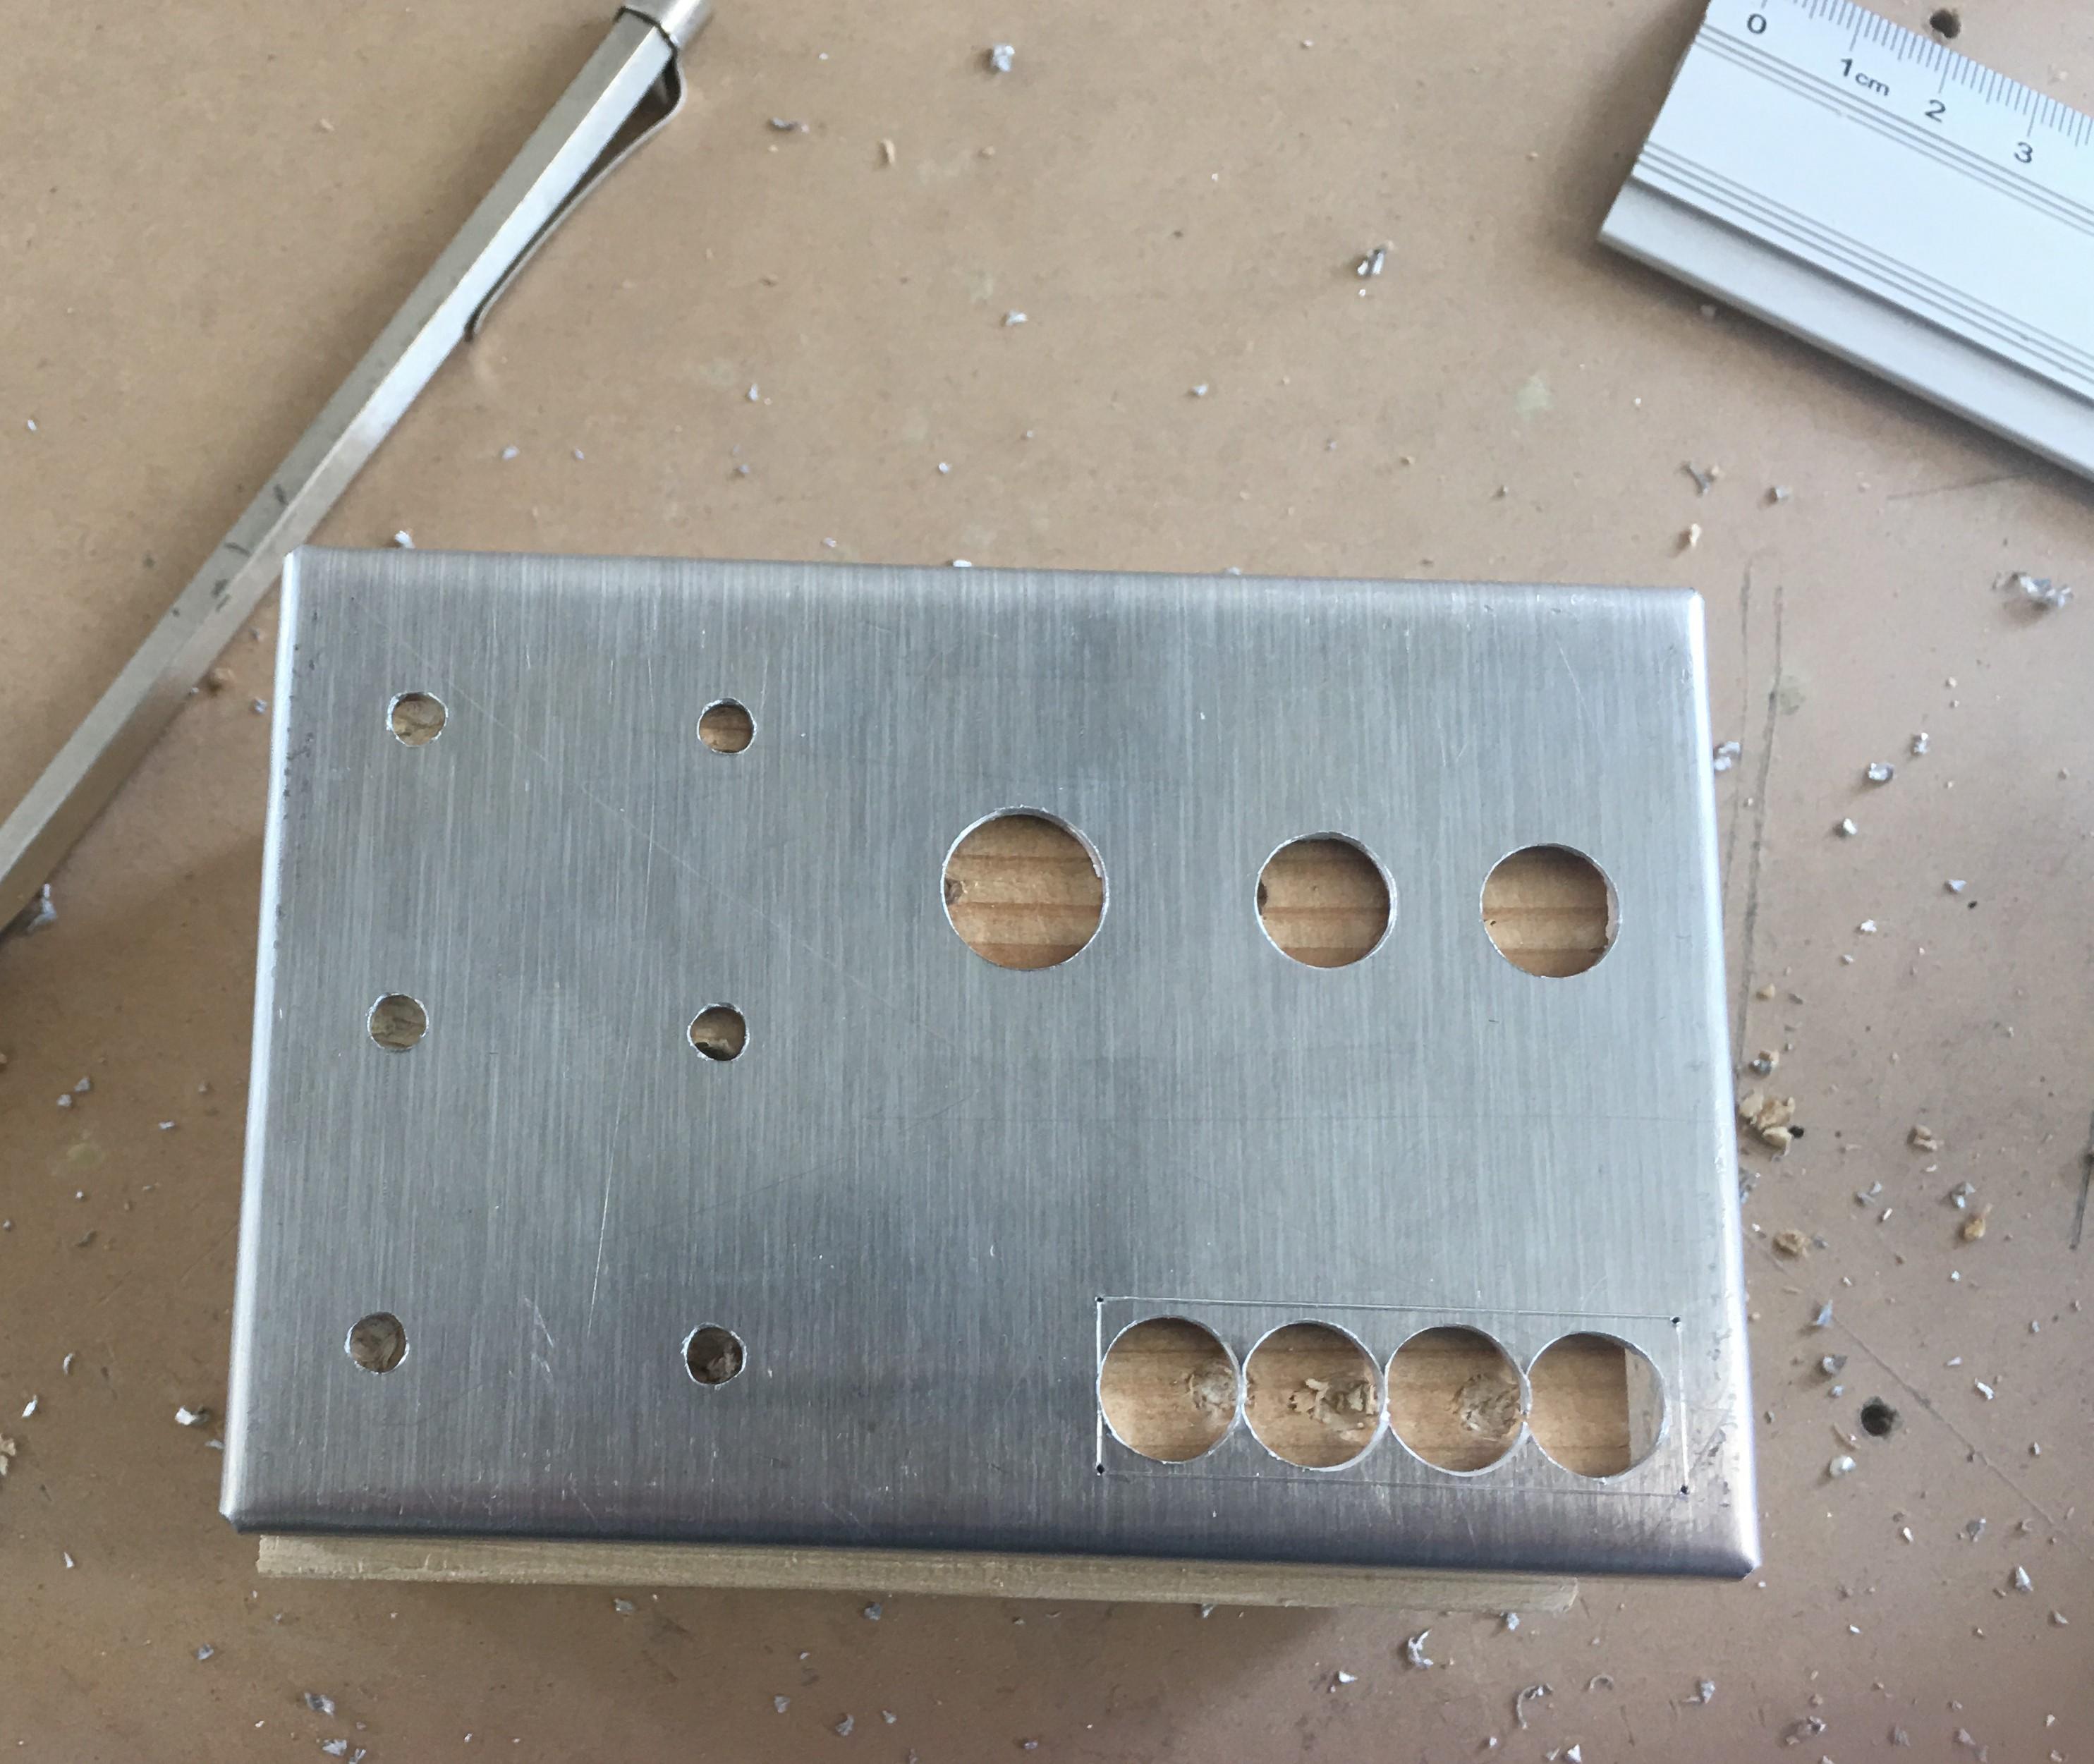 s438647550.online.de/PICS/build_belt_3.JPG